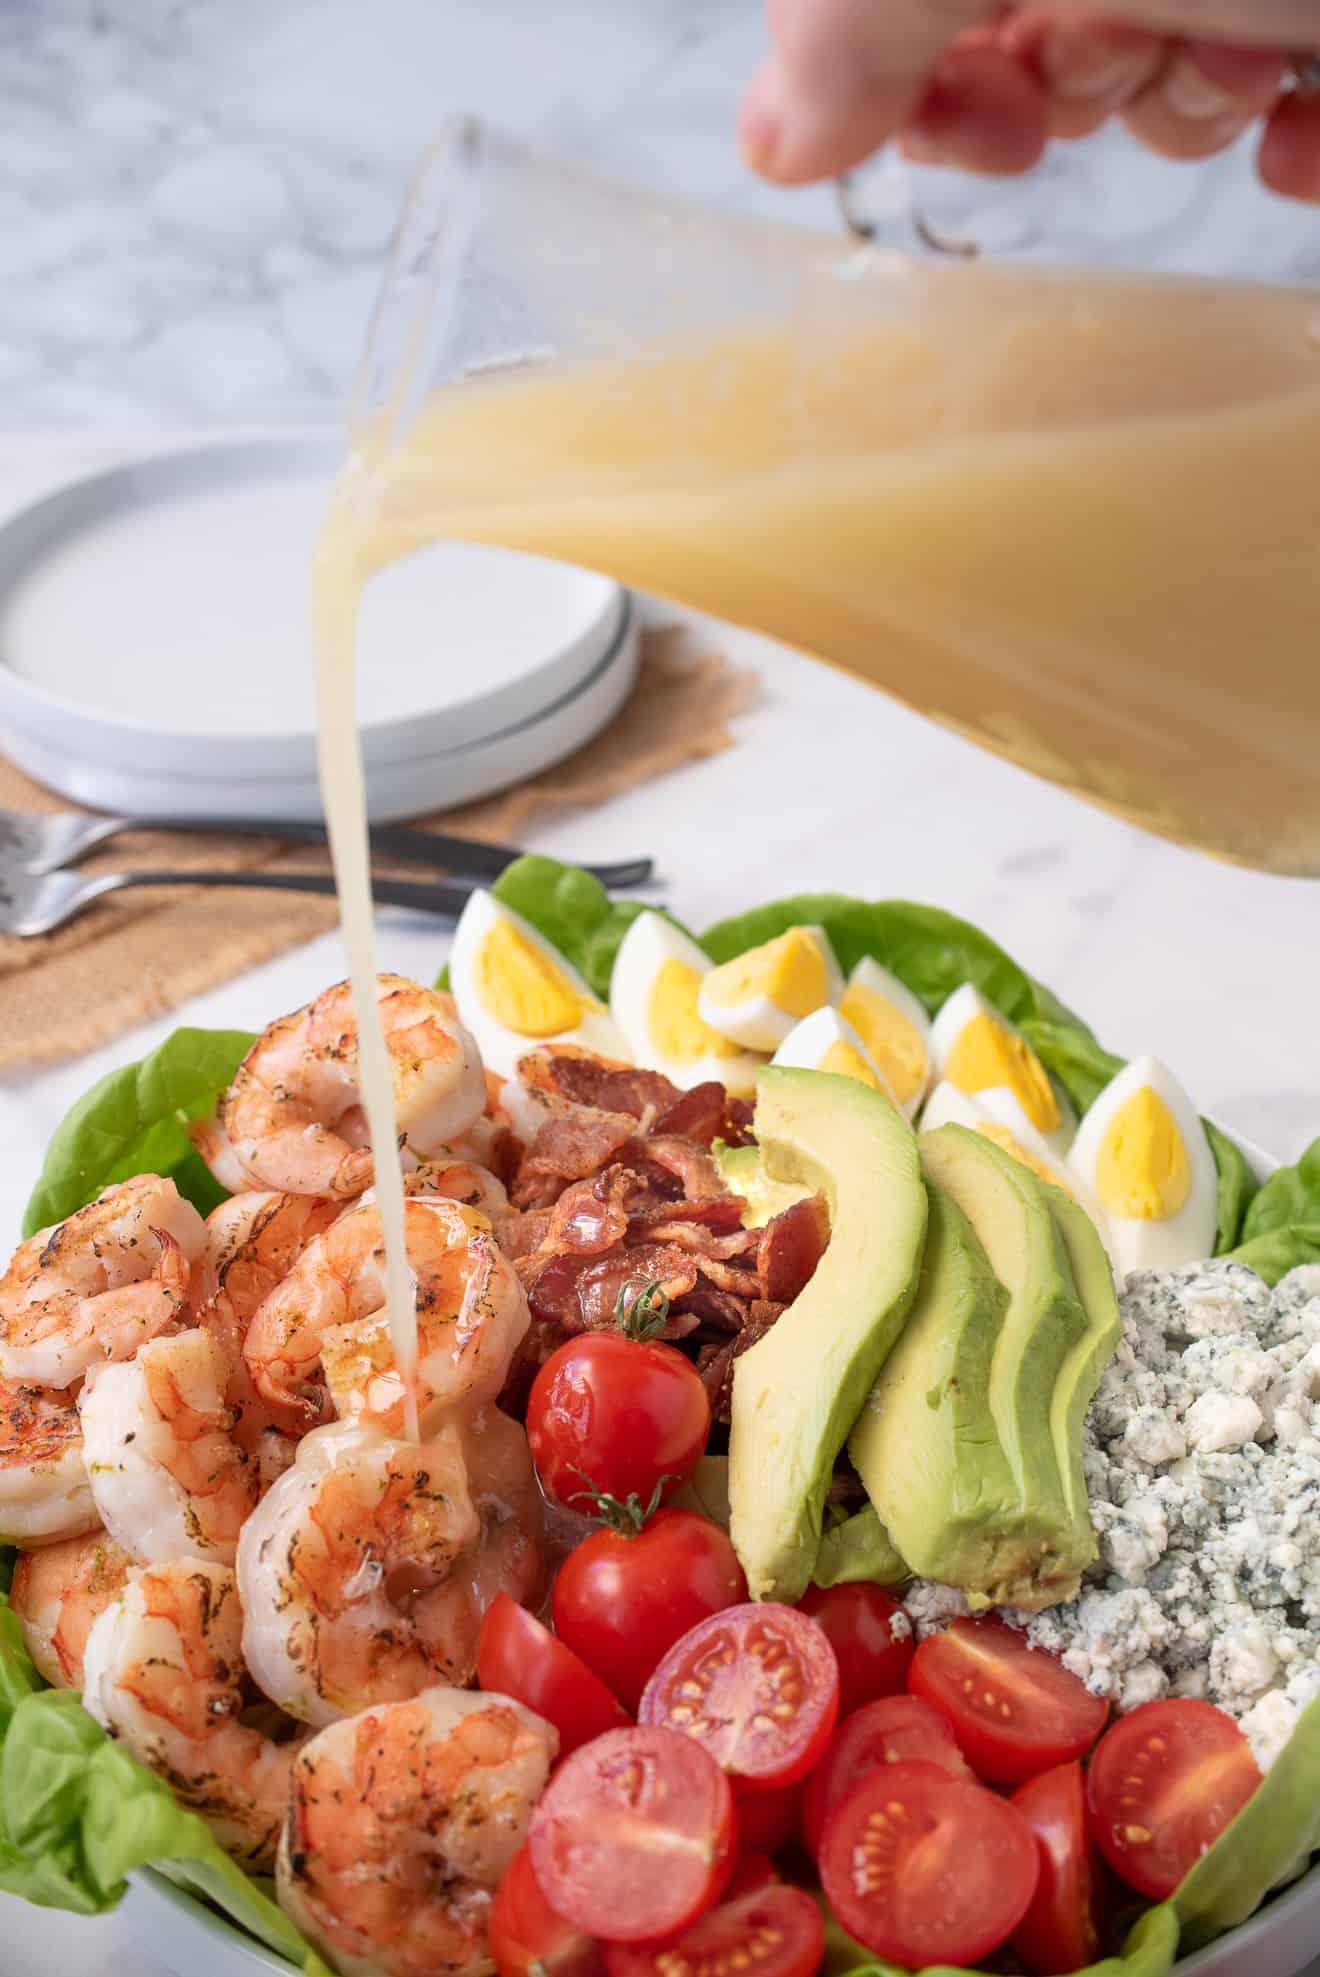 Pouring salad dressing over a grilled shrimp cobb salad